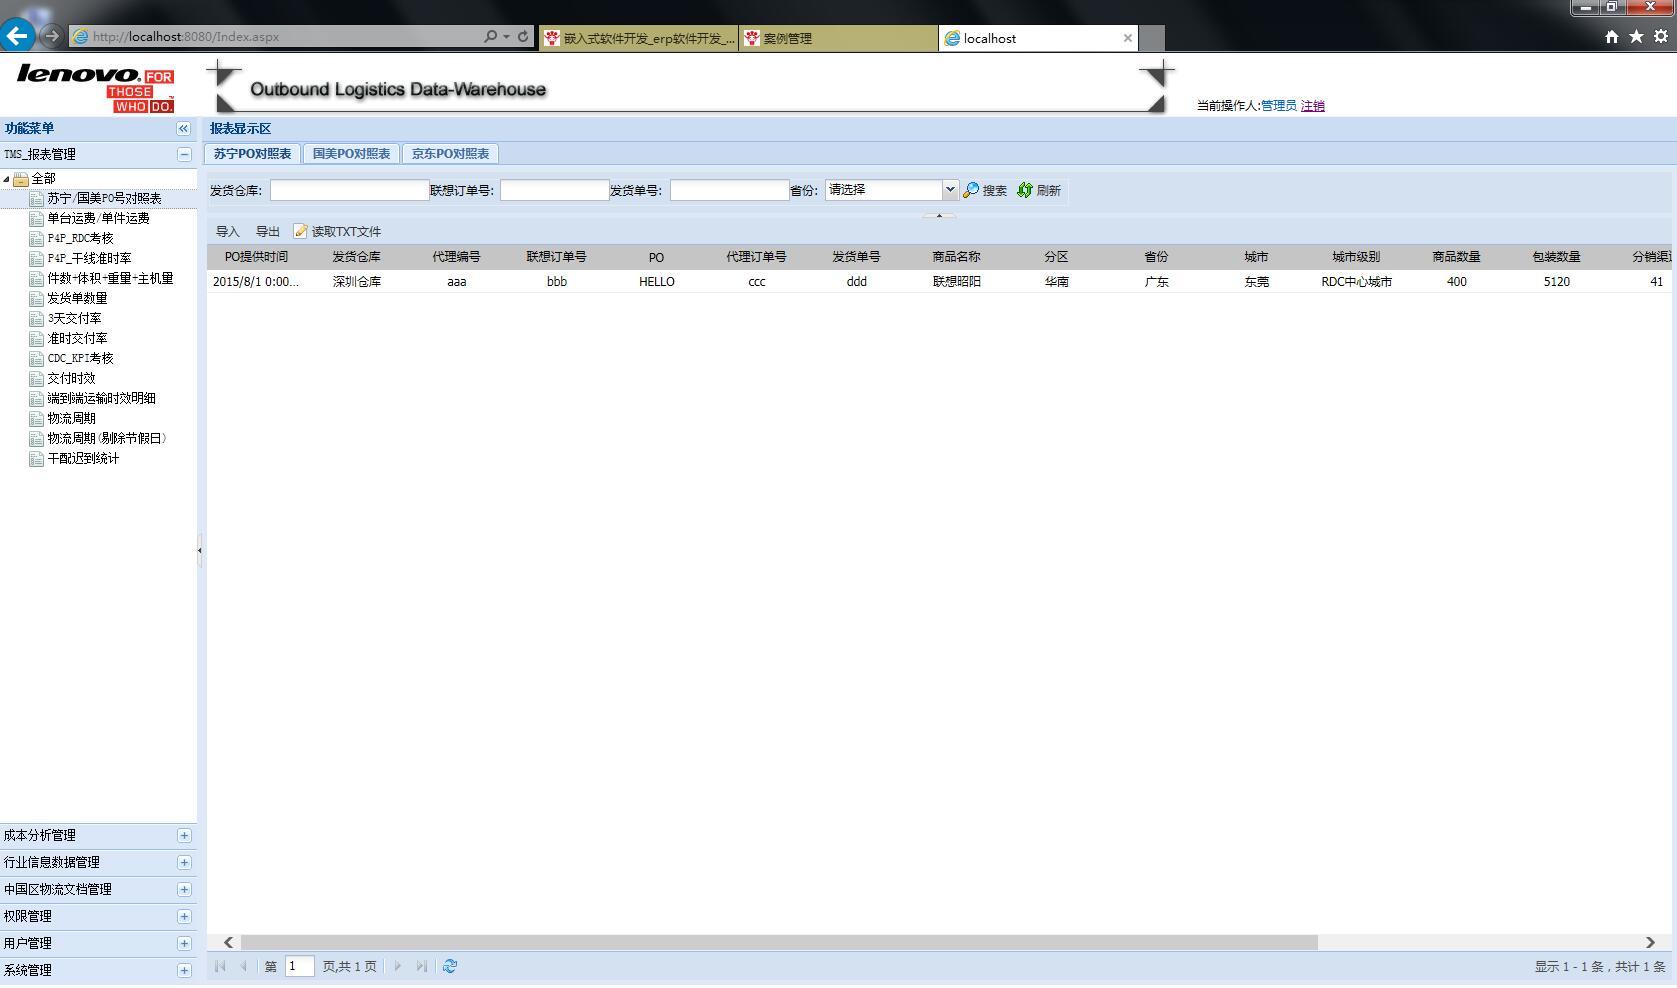 联想运输监控报表系统